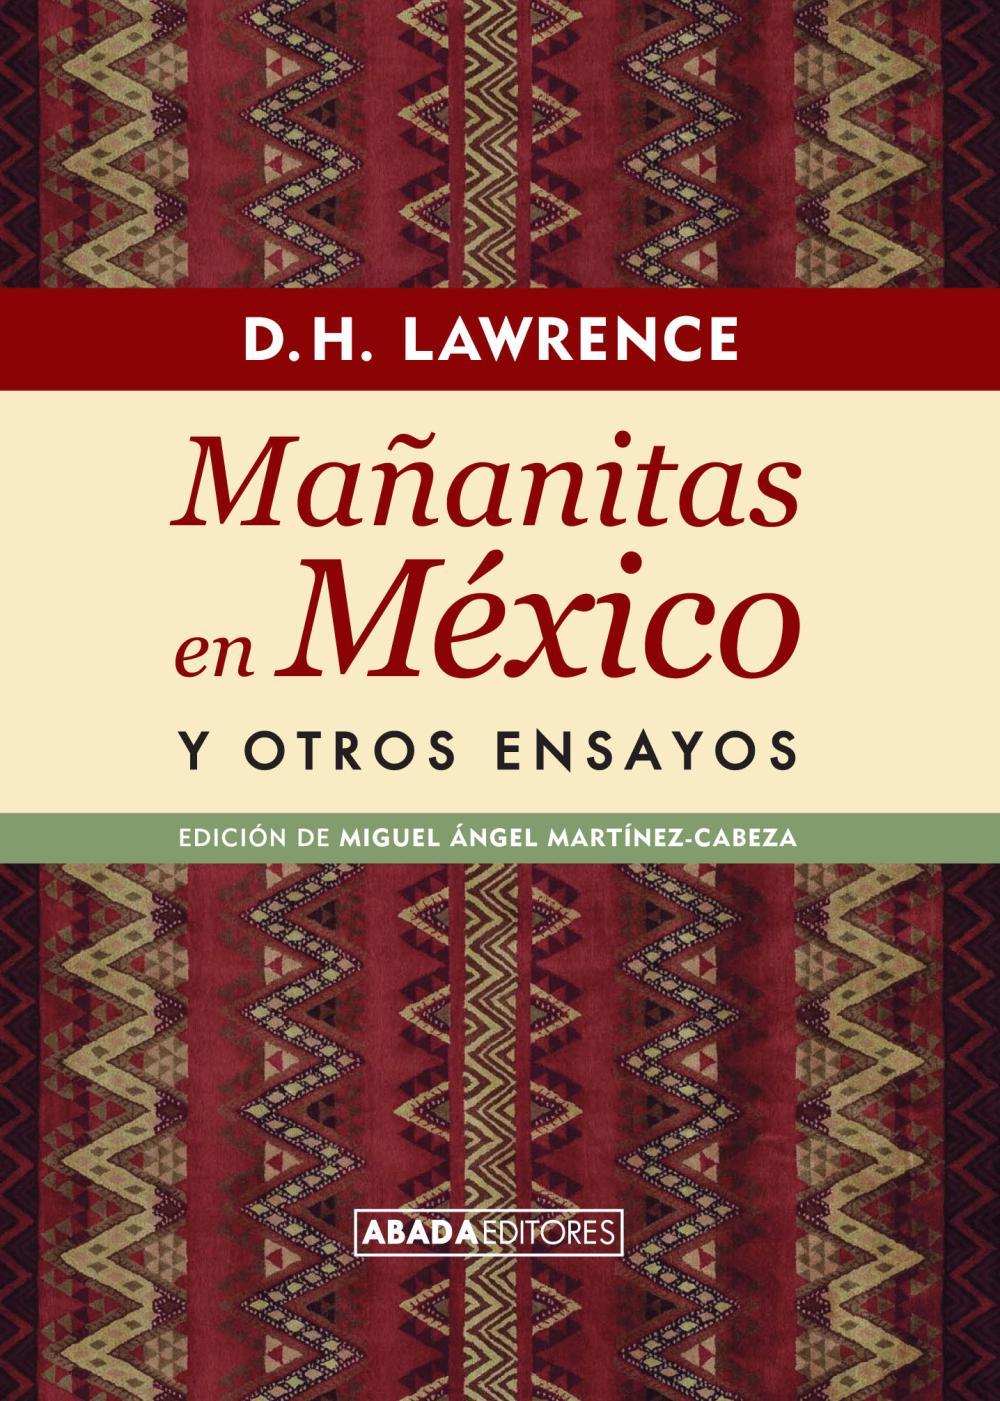 Mañanitas en México y otros ensayos